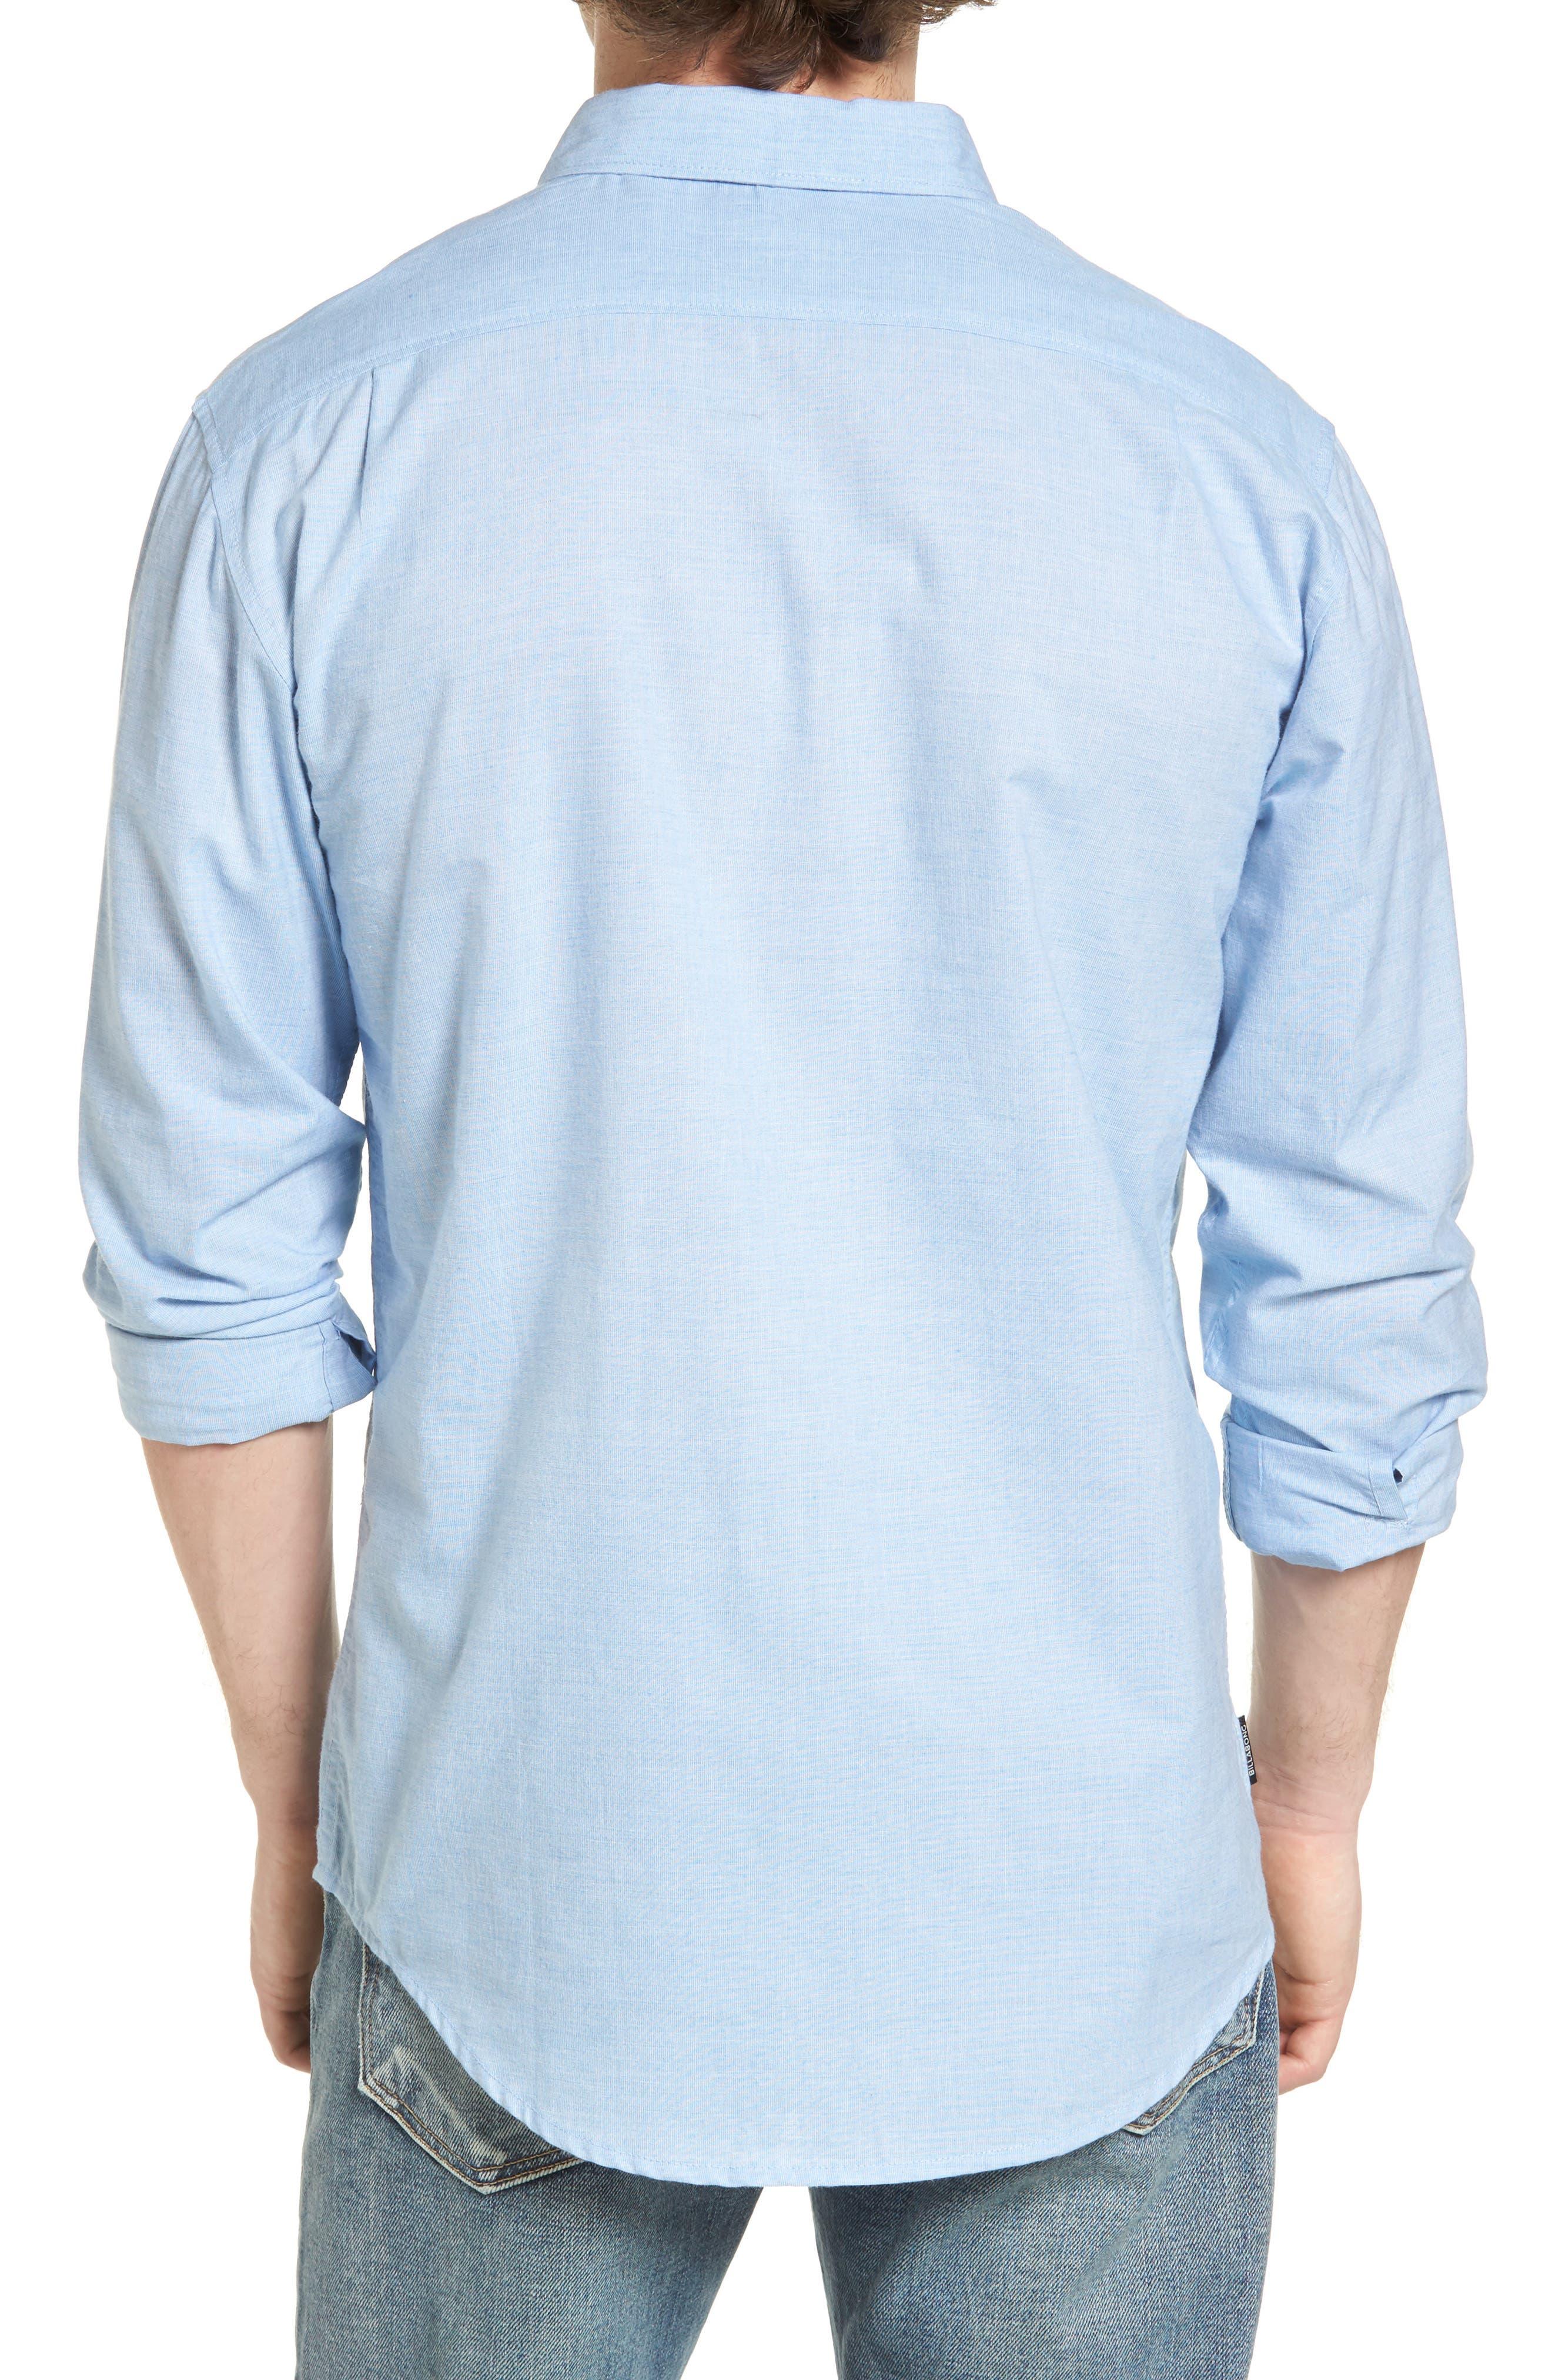 Alternate Image 2  - Billabong All Day Chambray Shirt